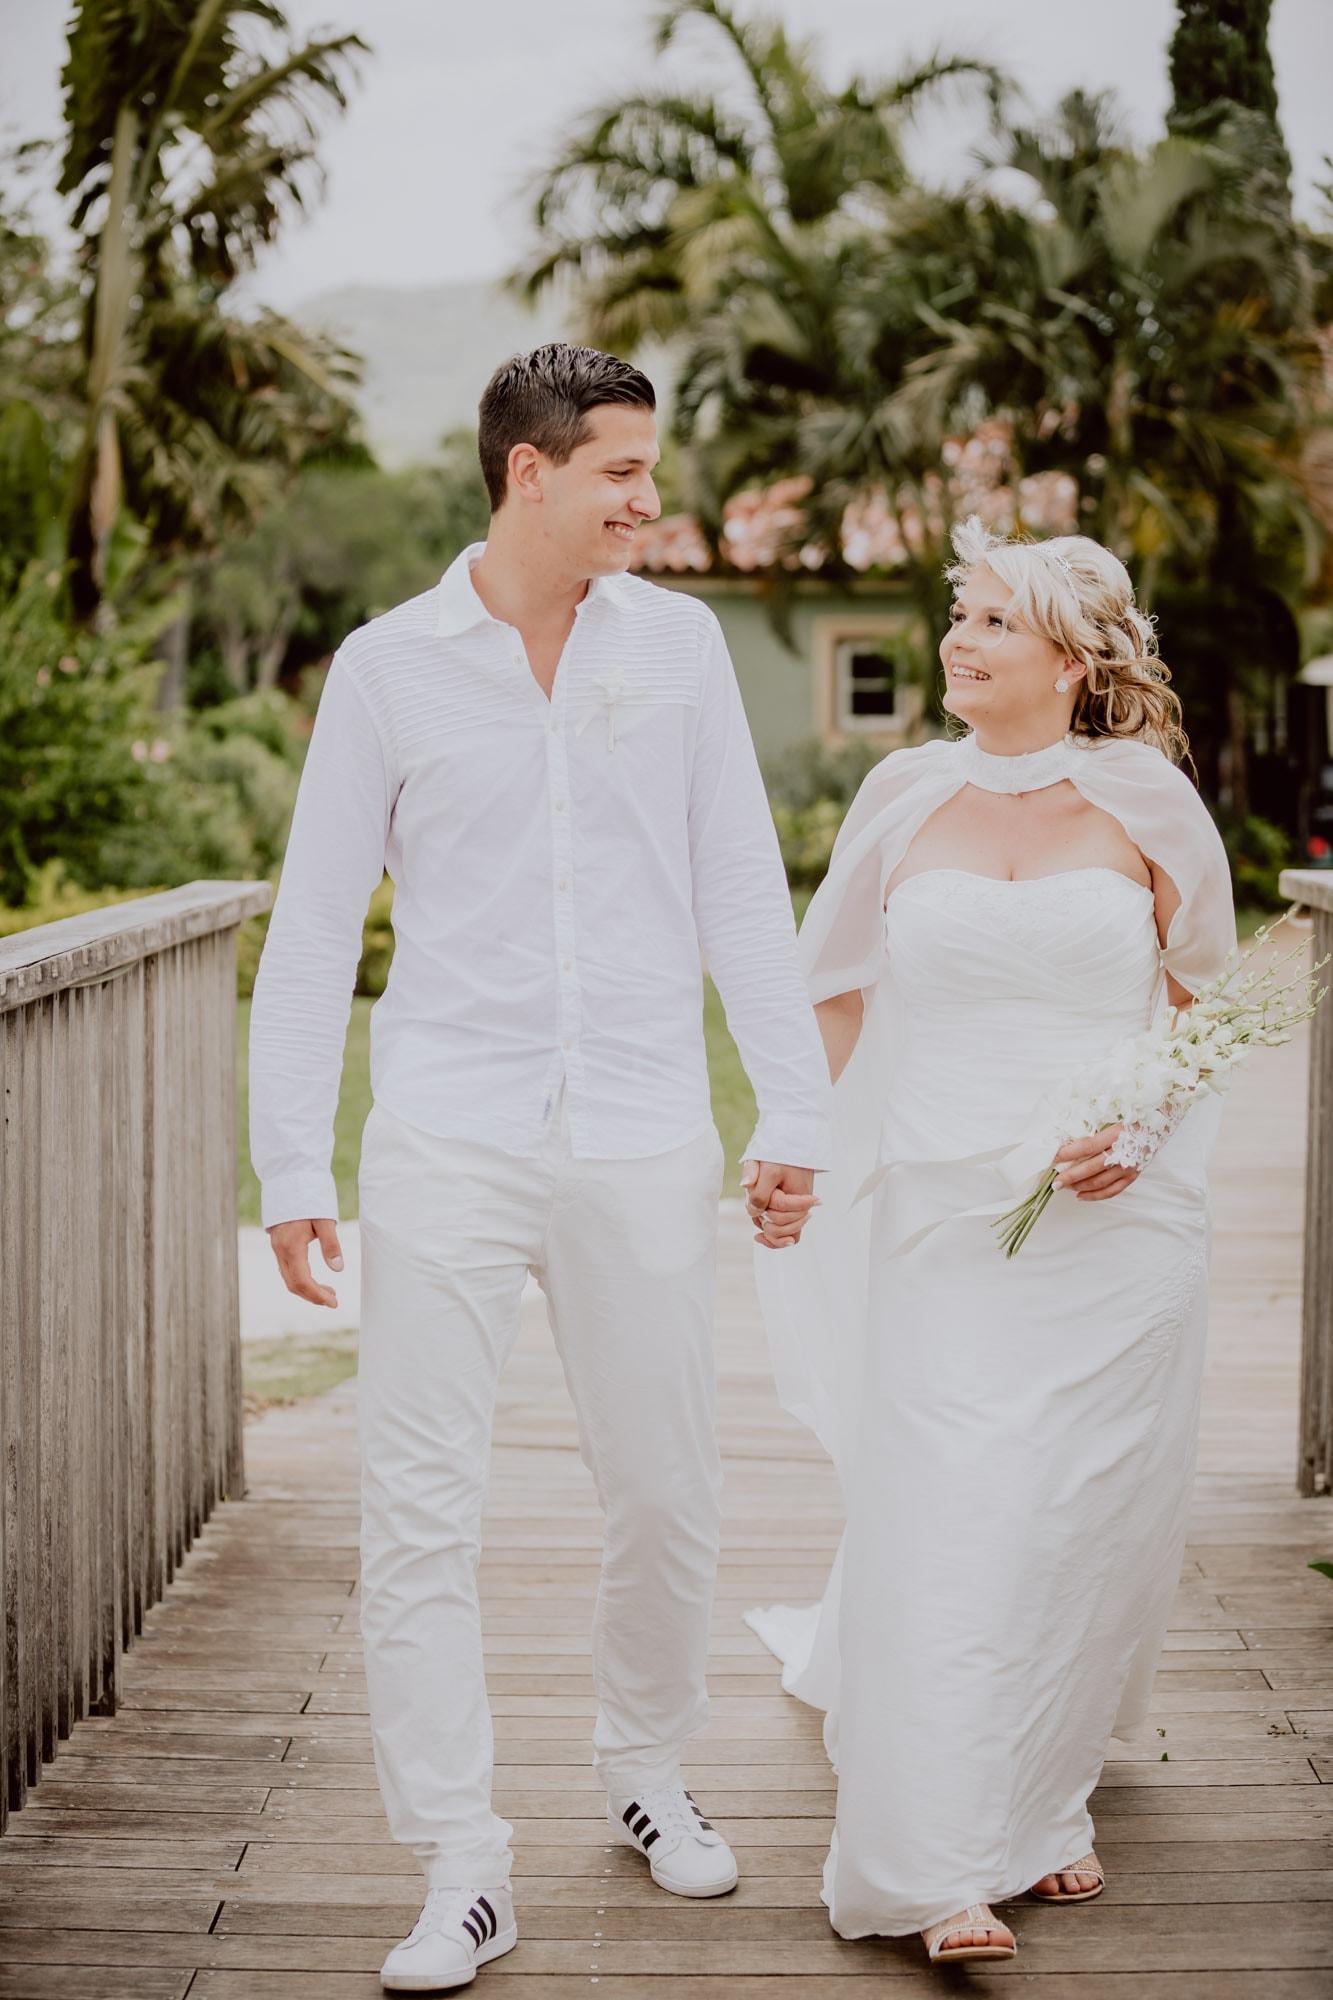 weddingphotographer_jamaica_destinationwedding_auslandshochzeit_sandals_ben_gierig-0029